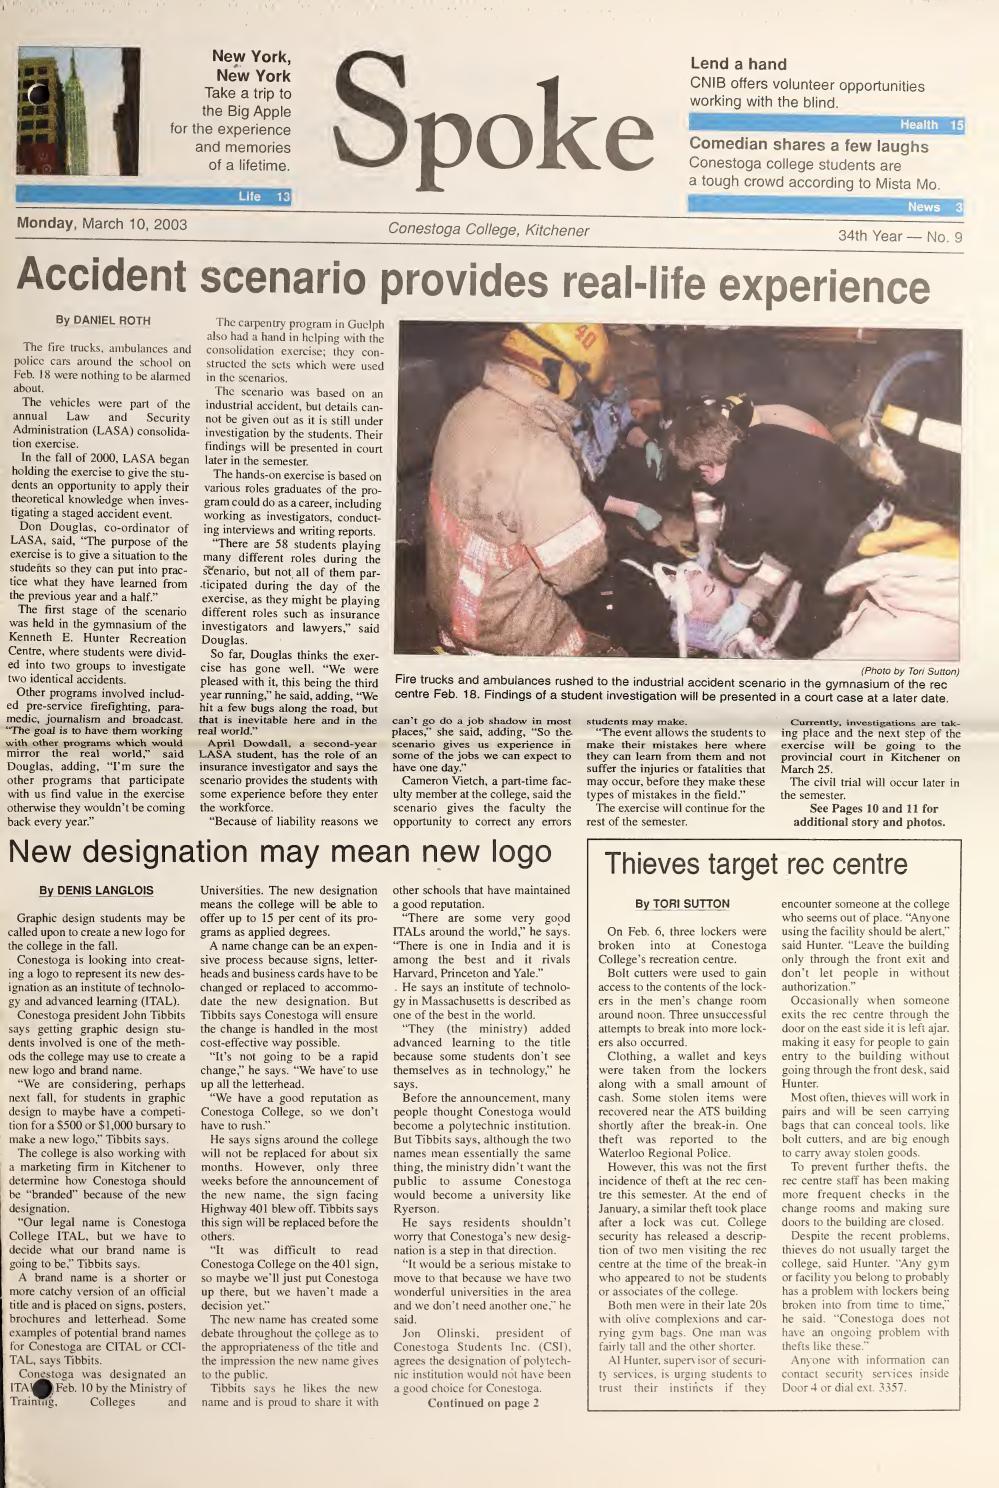 Digital Edition - March 10, 2003 by SPOKENewspaper - issuu